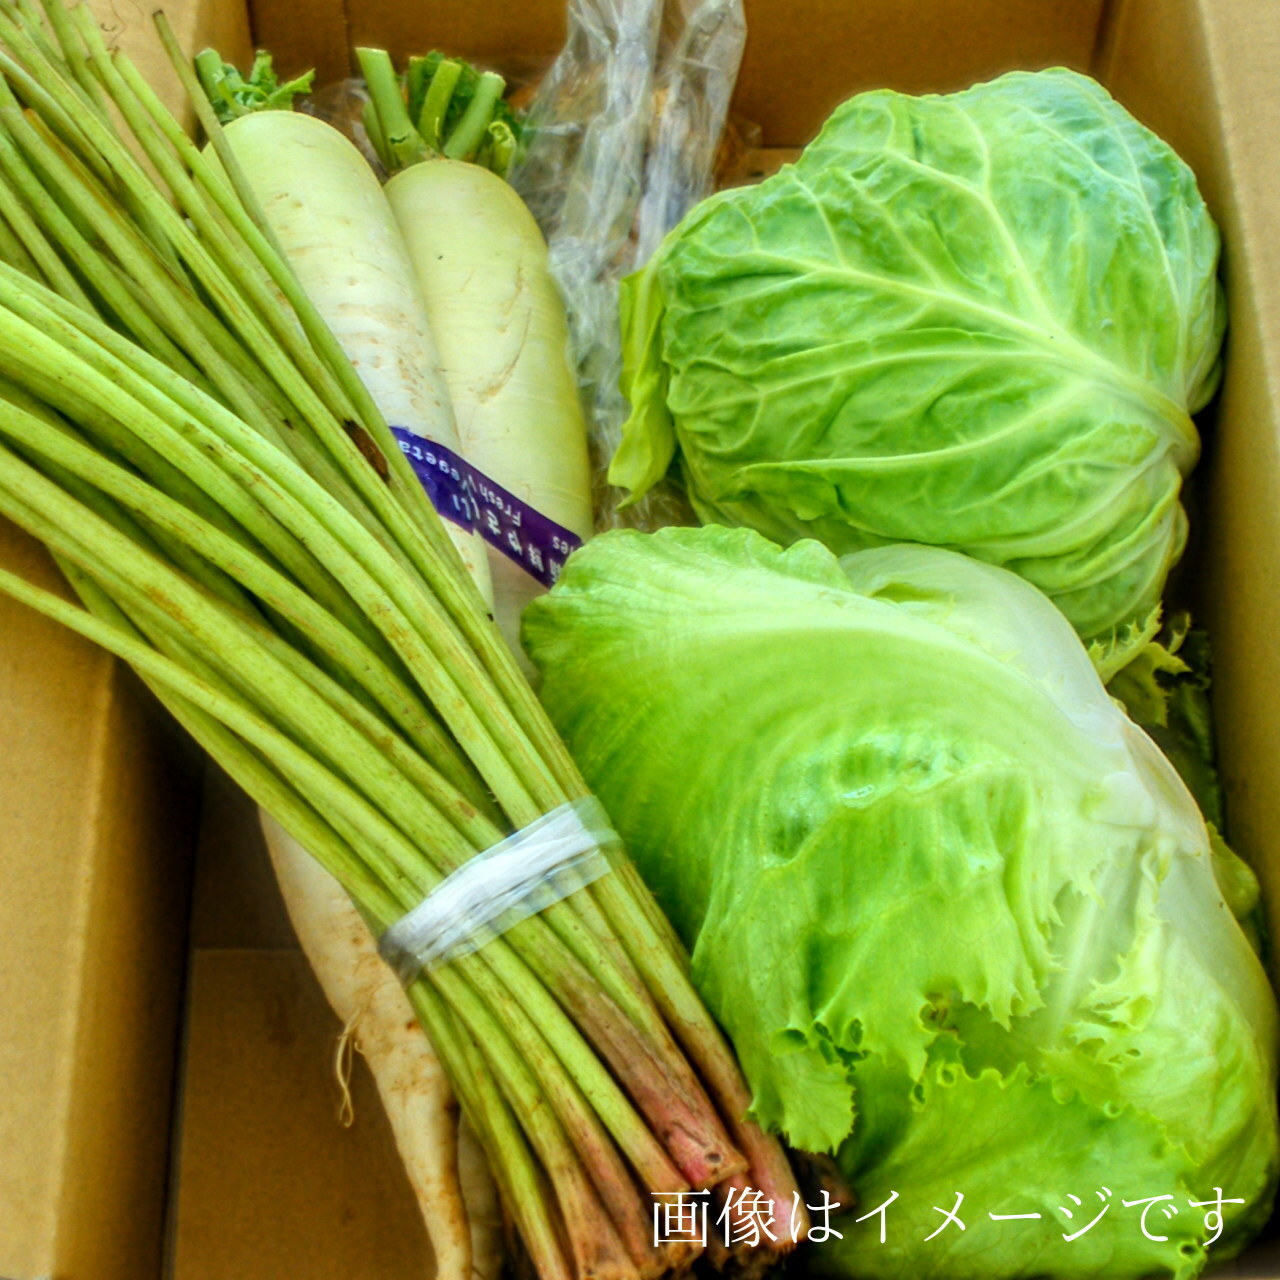 送料無料 5月の朝採り直売野菜セット およそ5点セット 毎週土曜日発送予定 冷蔵